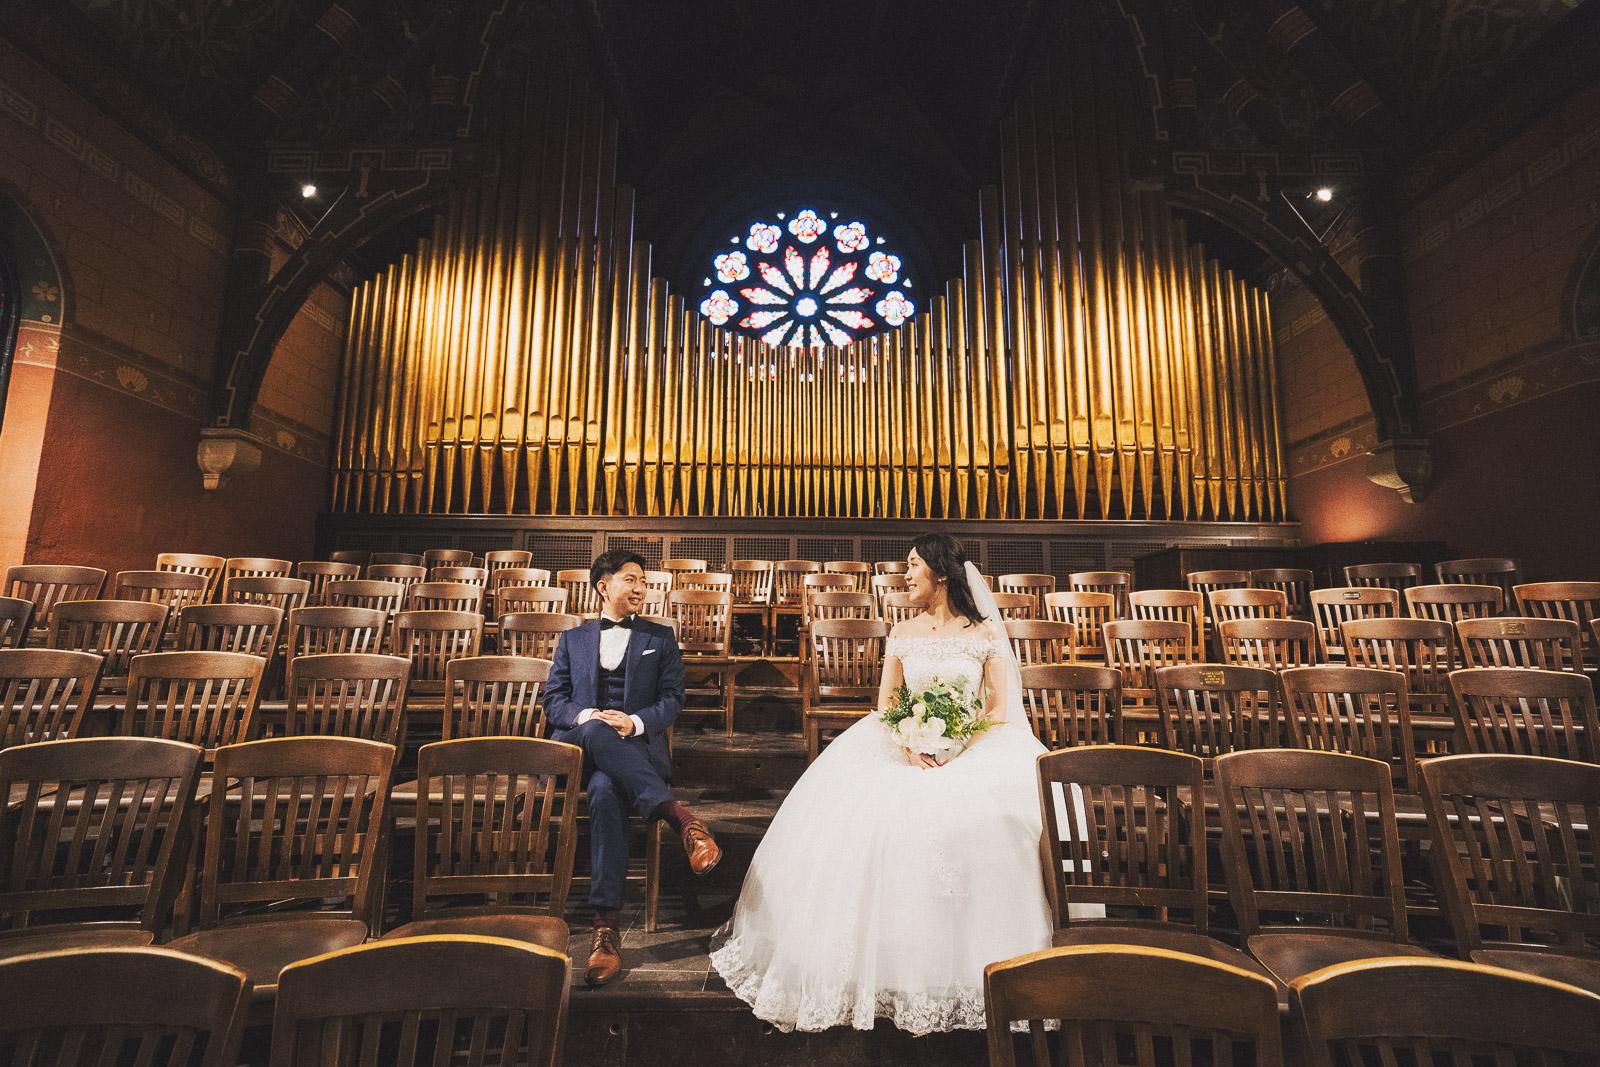 教堂婚紗婚禮攝影_攝影師Wealthy